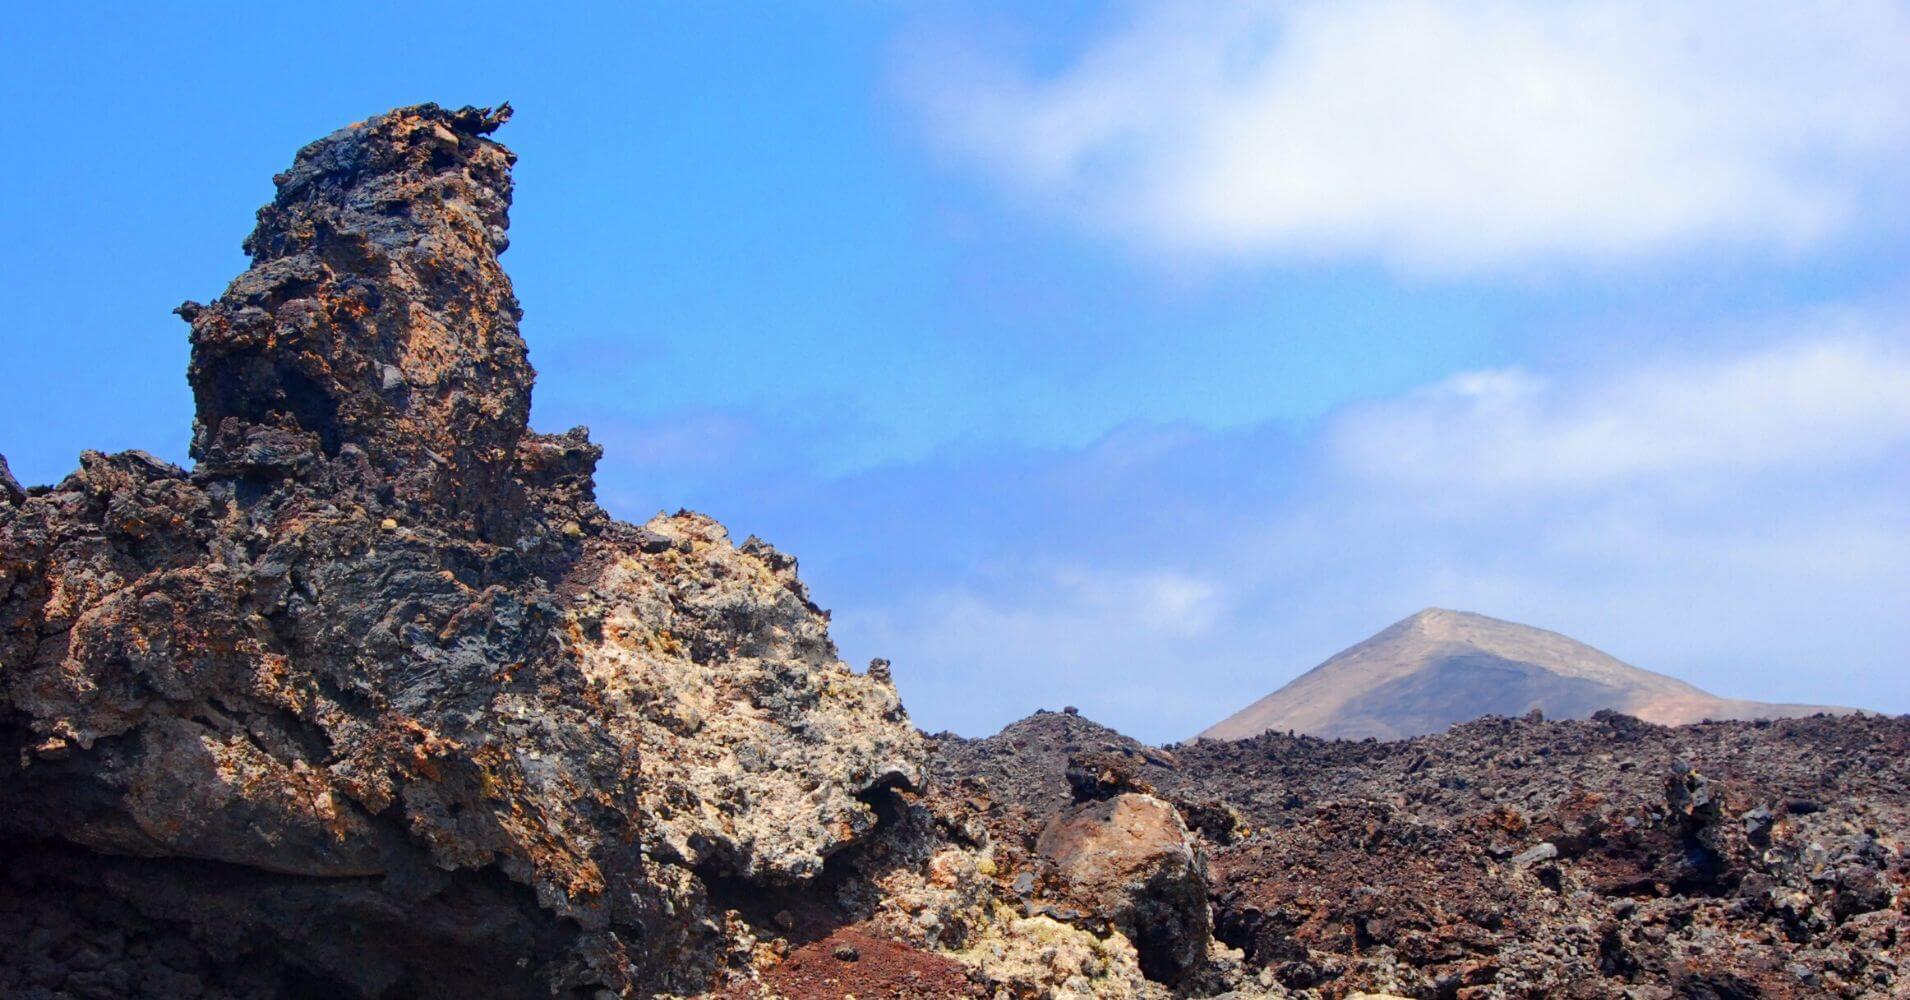 Cráteres y Montañas de Fuego. Lanzarote. Islas Canarias.